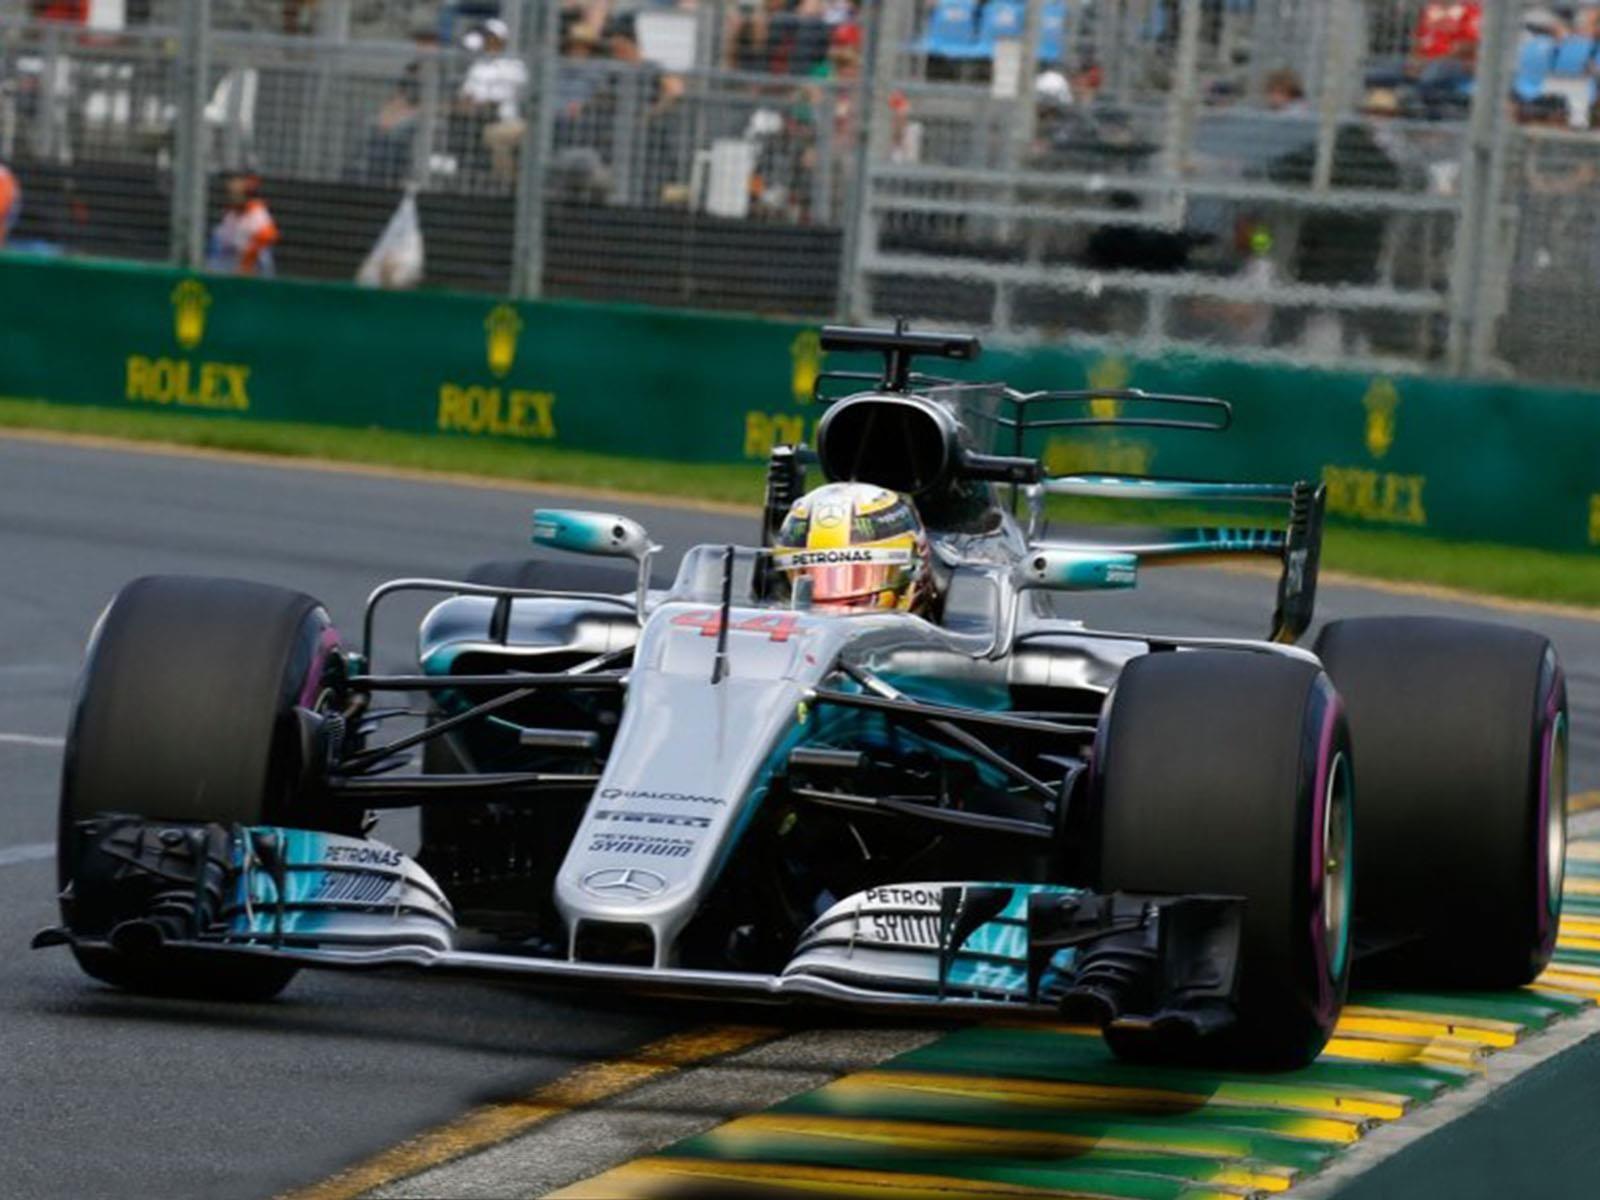 F1 GP de Australia 2017 Clasificación: Cambia el reglamento pero no el más rápido